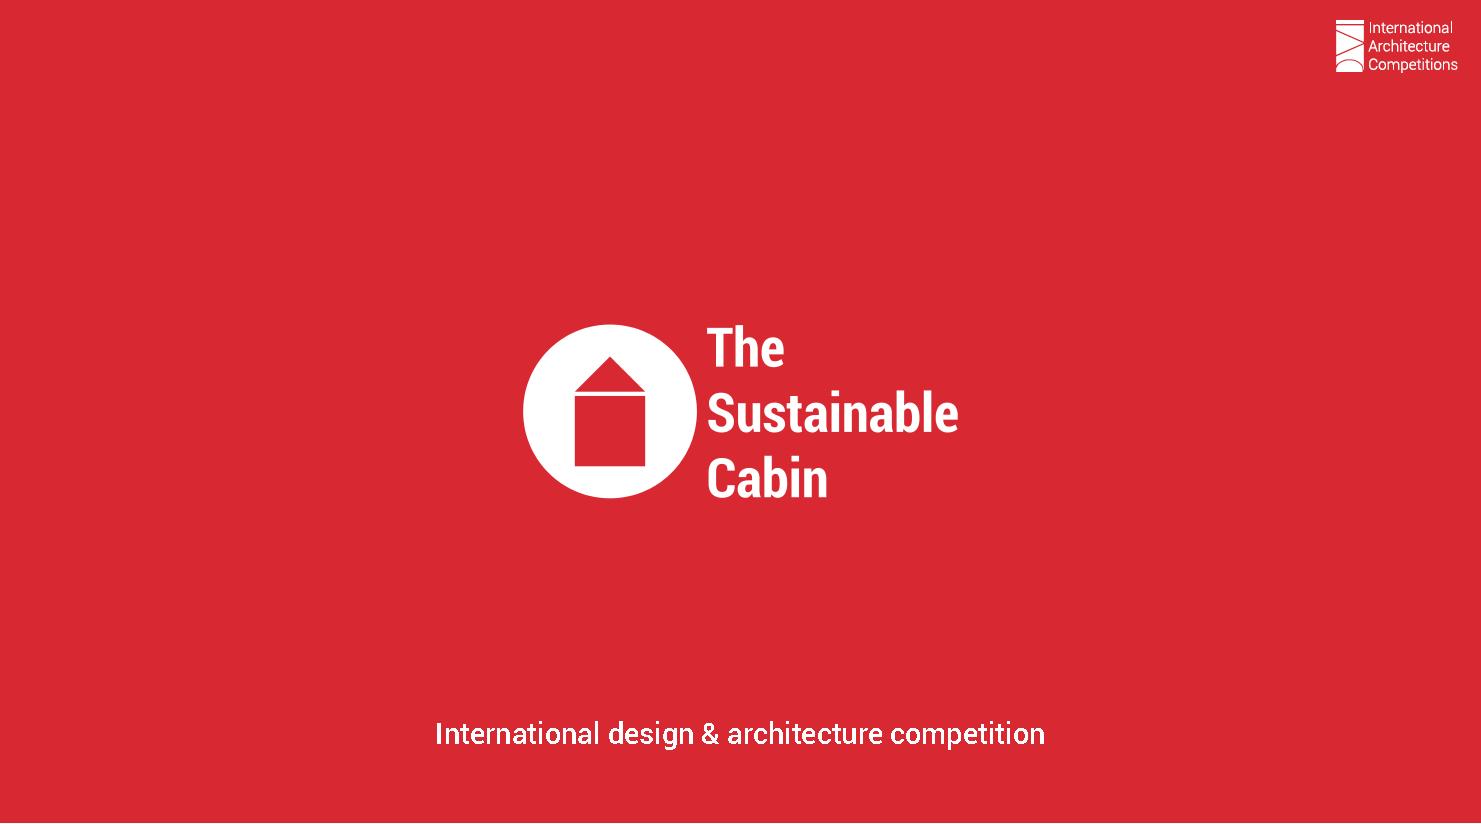 可持续小屋(The Sustainable Cabin)设计竞赛